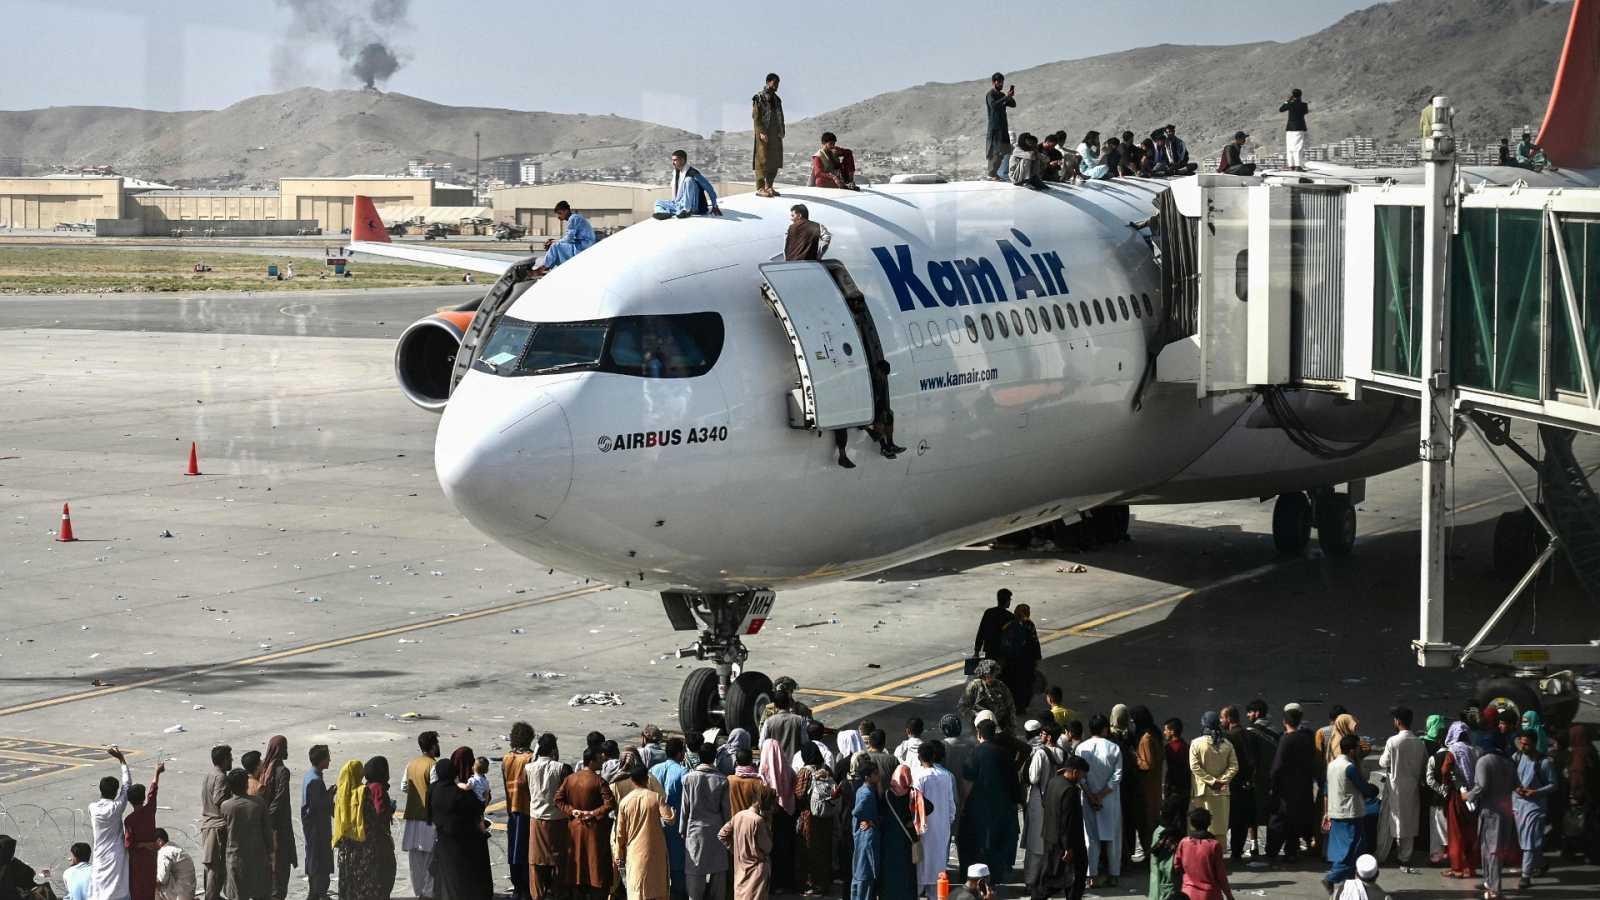 Los talibanes tomaron Kabul y comienza una época de cambios en Afganistán